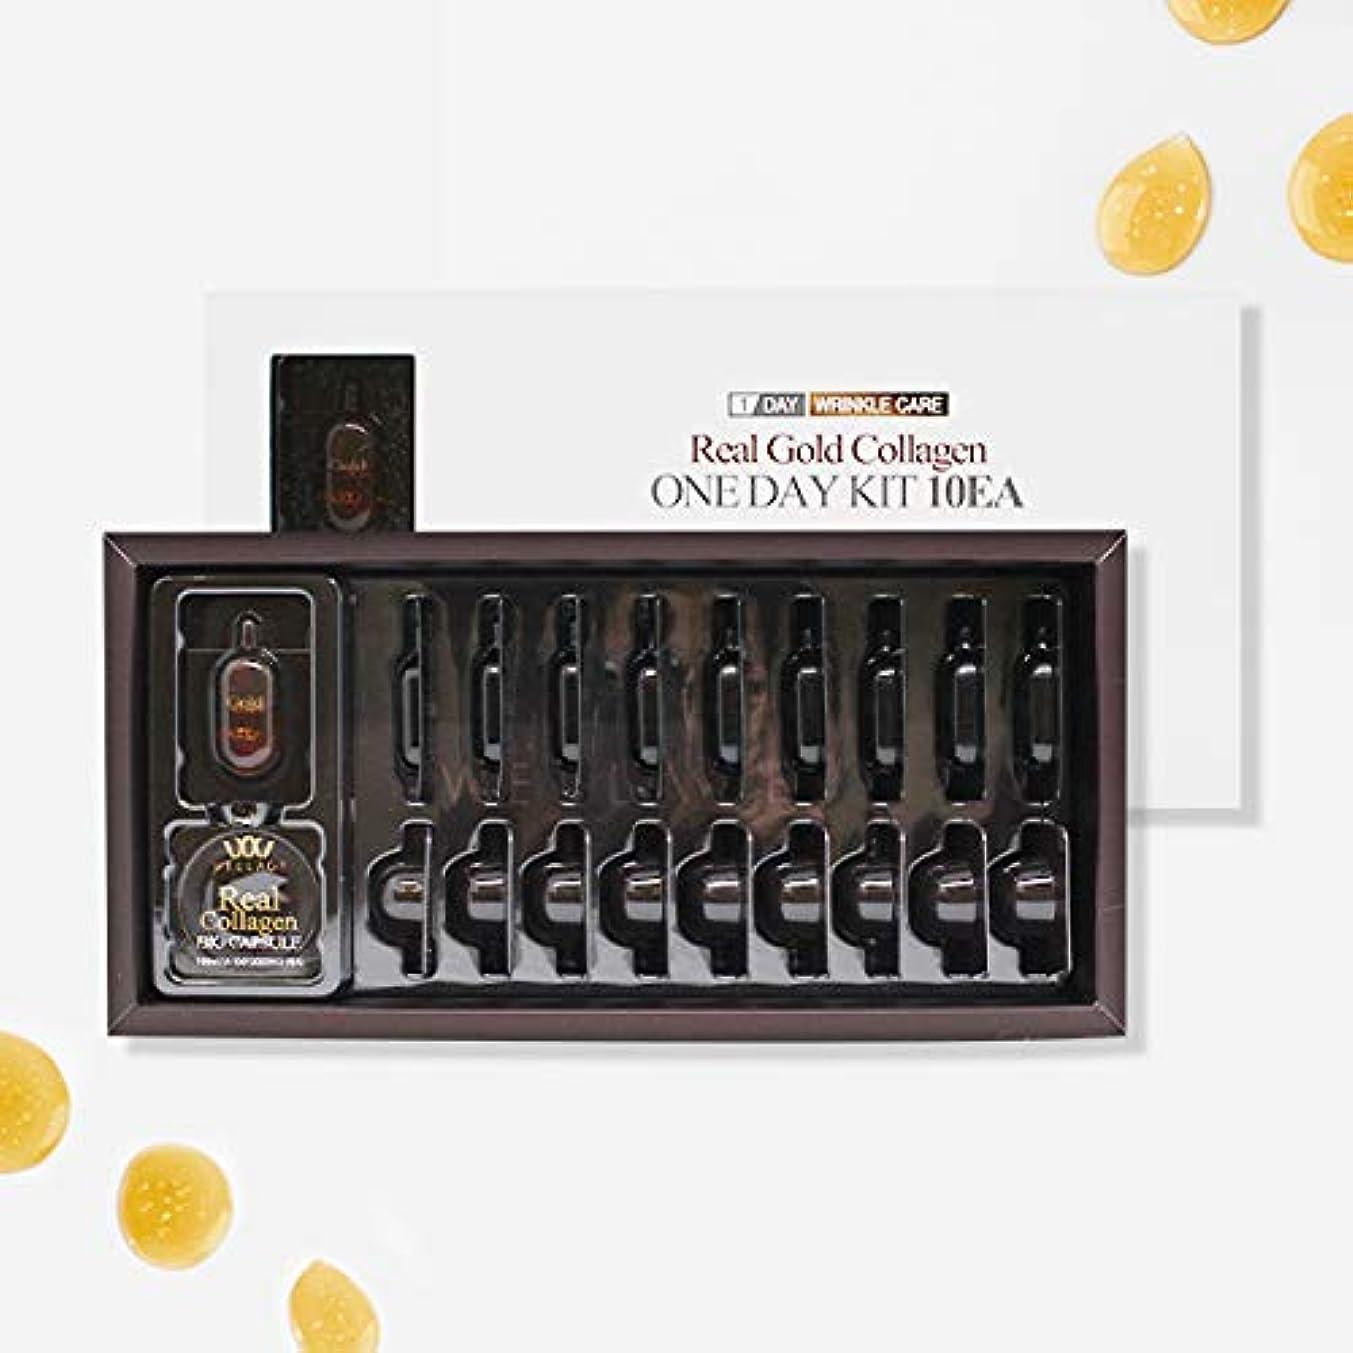 飢えアルバムベリWELLAGE(ウェラージュ) リアルゴールドワンデーキットバイオカプセル 10EA (しわケア)/ Real Gold One Day Kit Bio Capsule